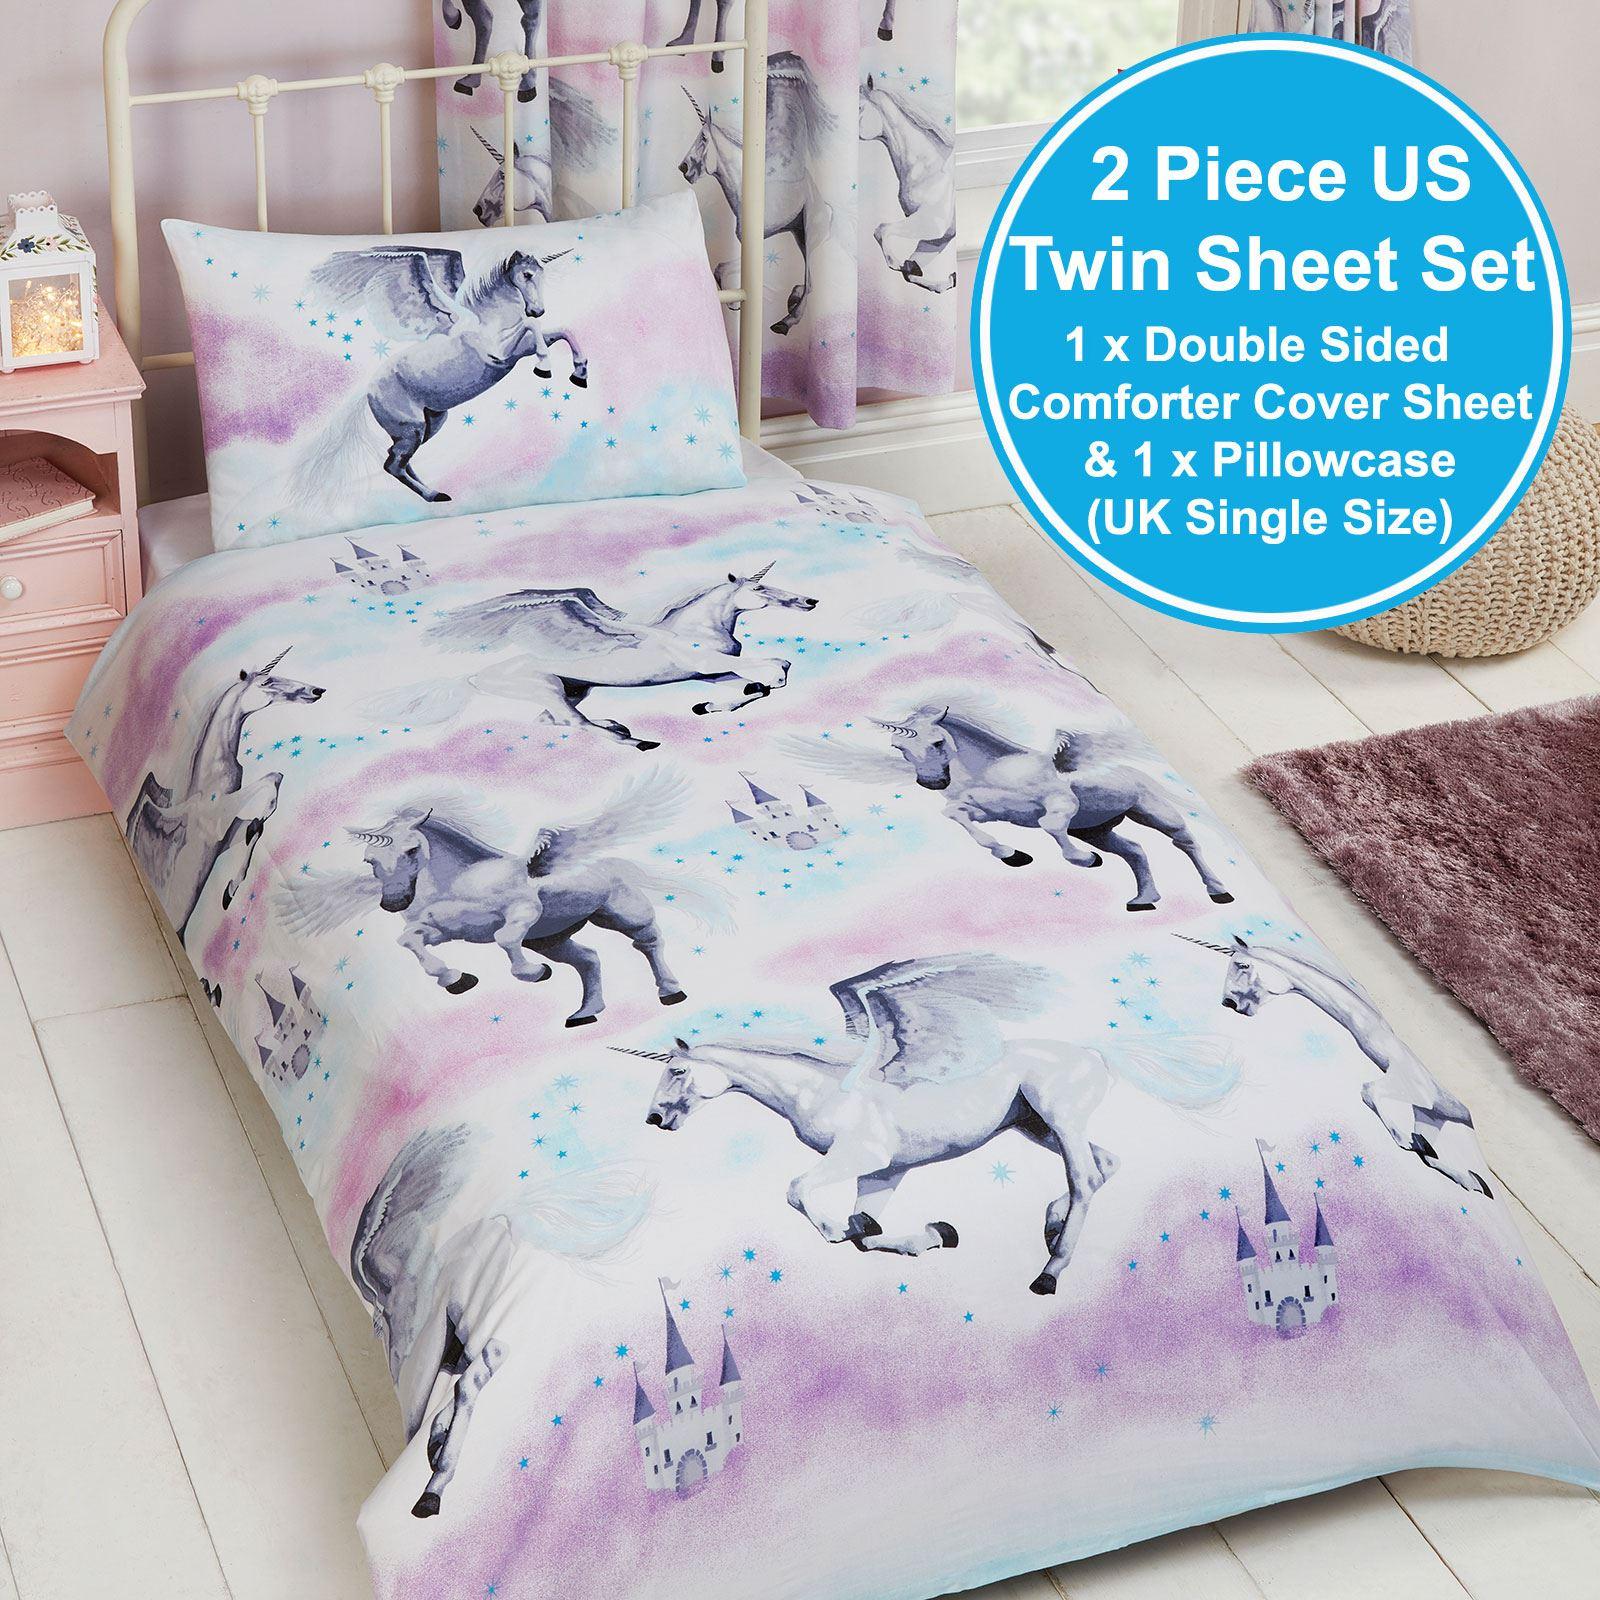 Stardust Unicorn Single Duvet Cover Set Bedding Girls